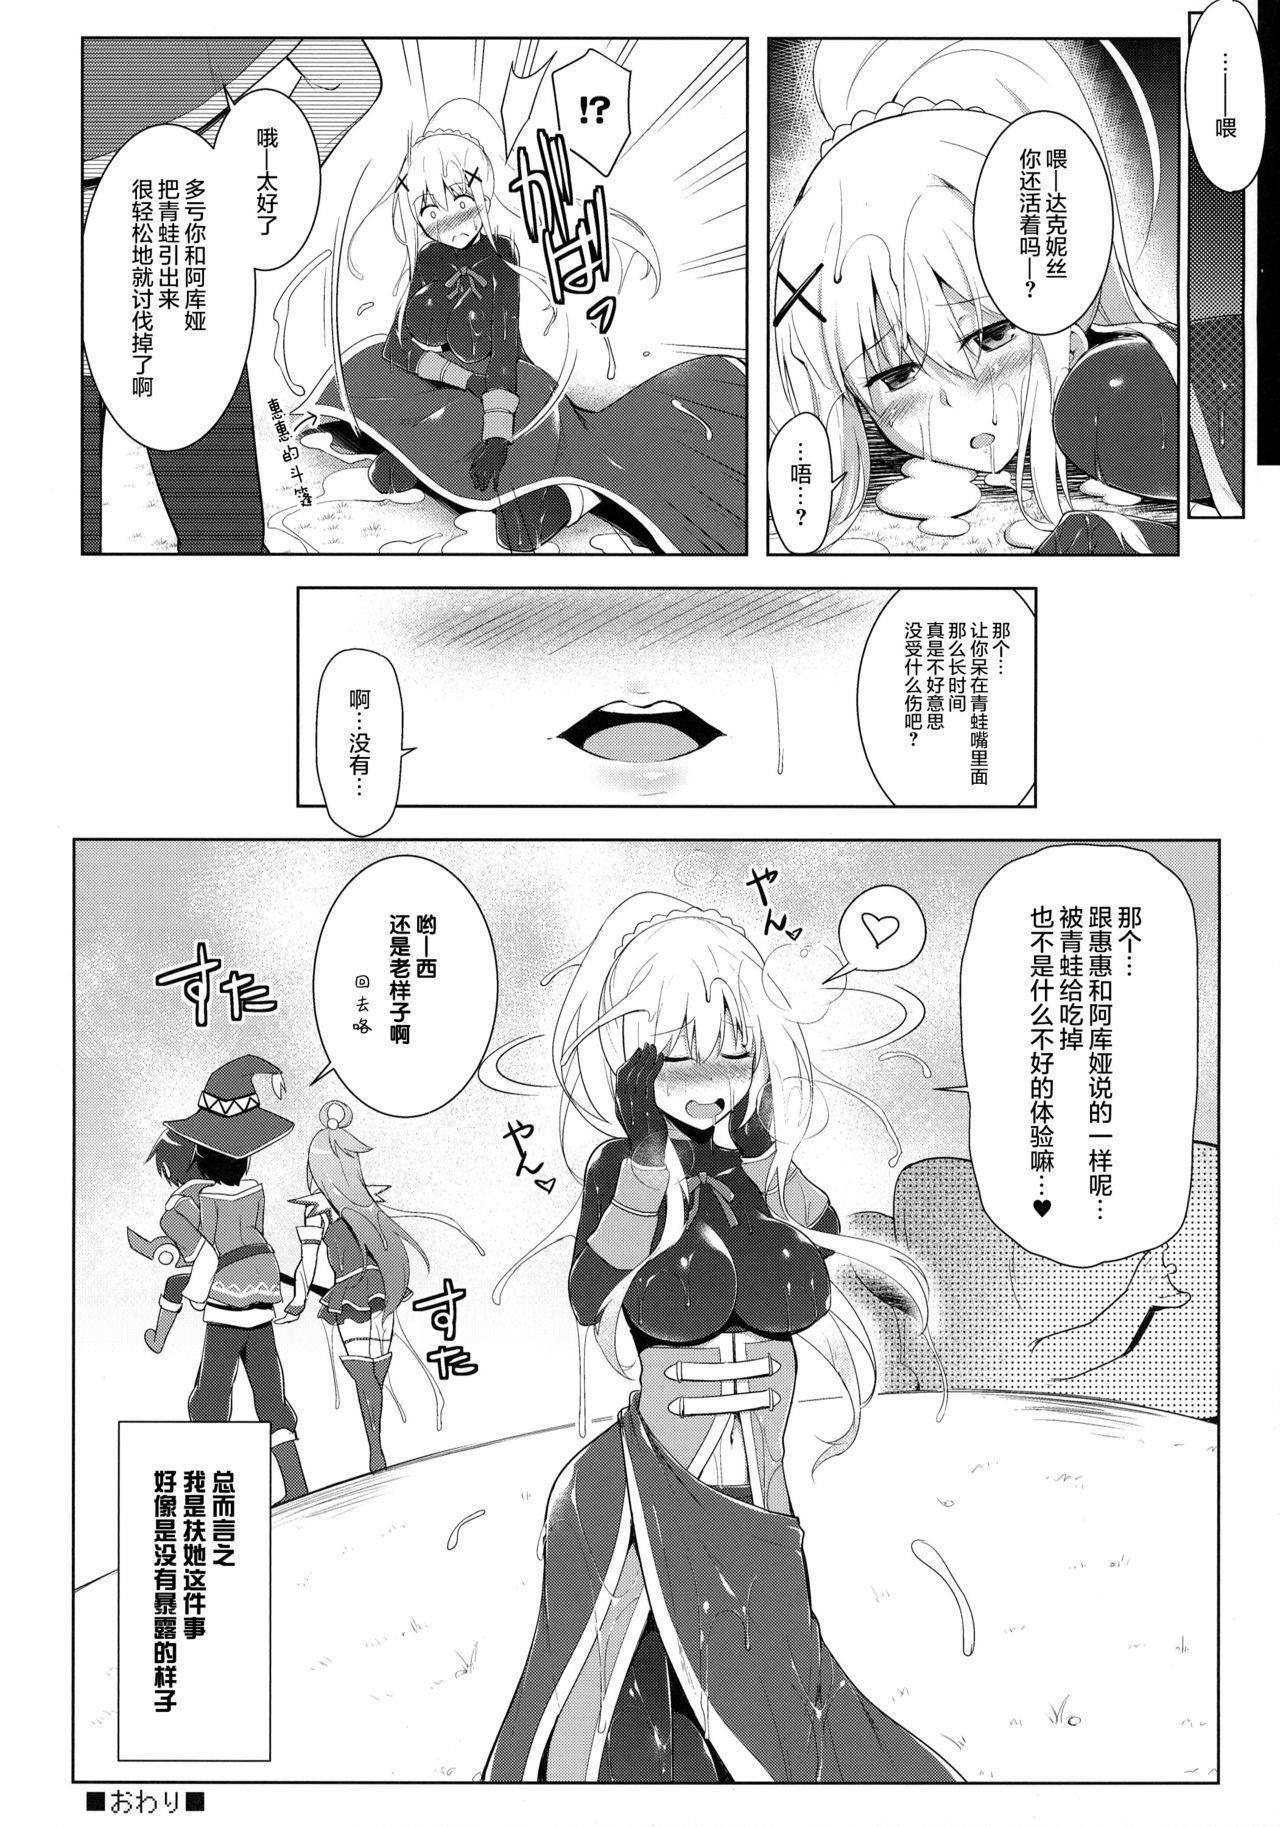 Kono Do-M Seikishi ni Marunomi Flag o! 15